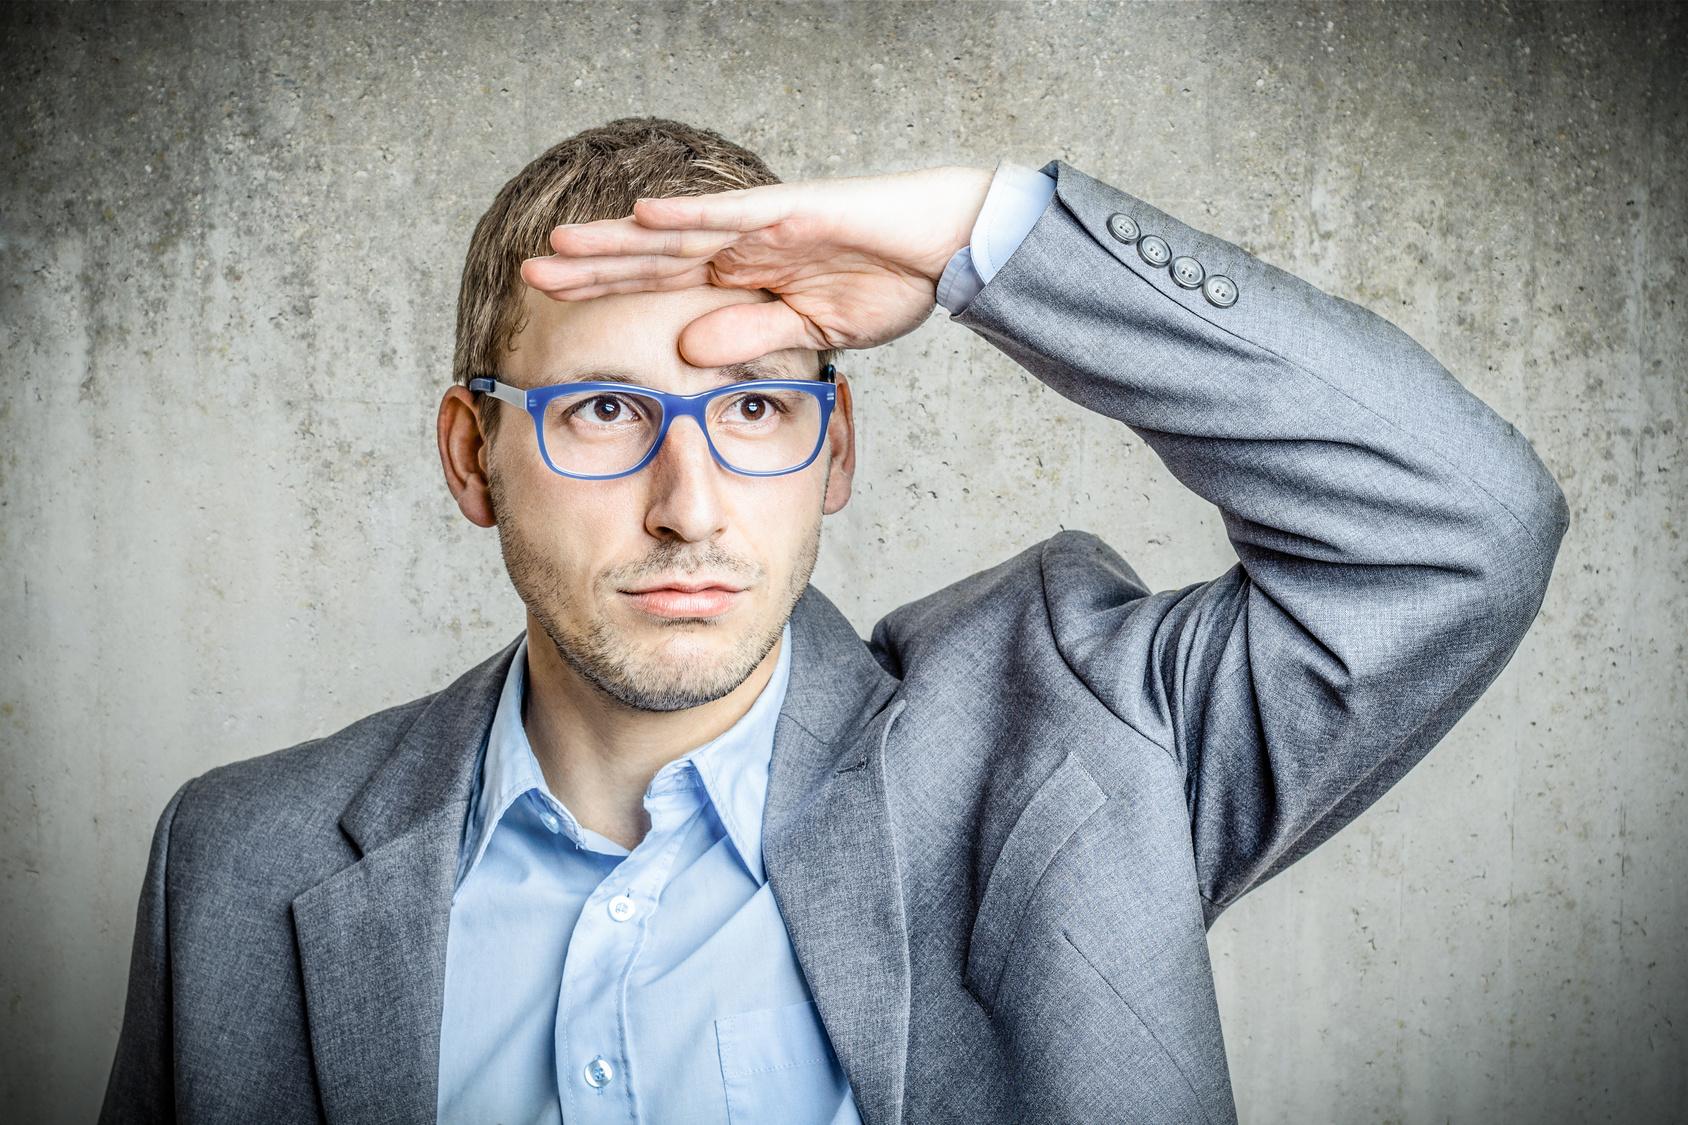 遠視の症状は疲れやすいだけ!?視力がよくても要注意!